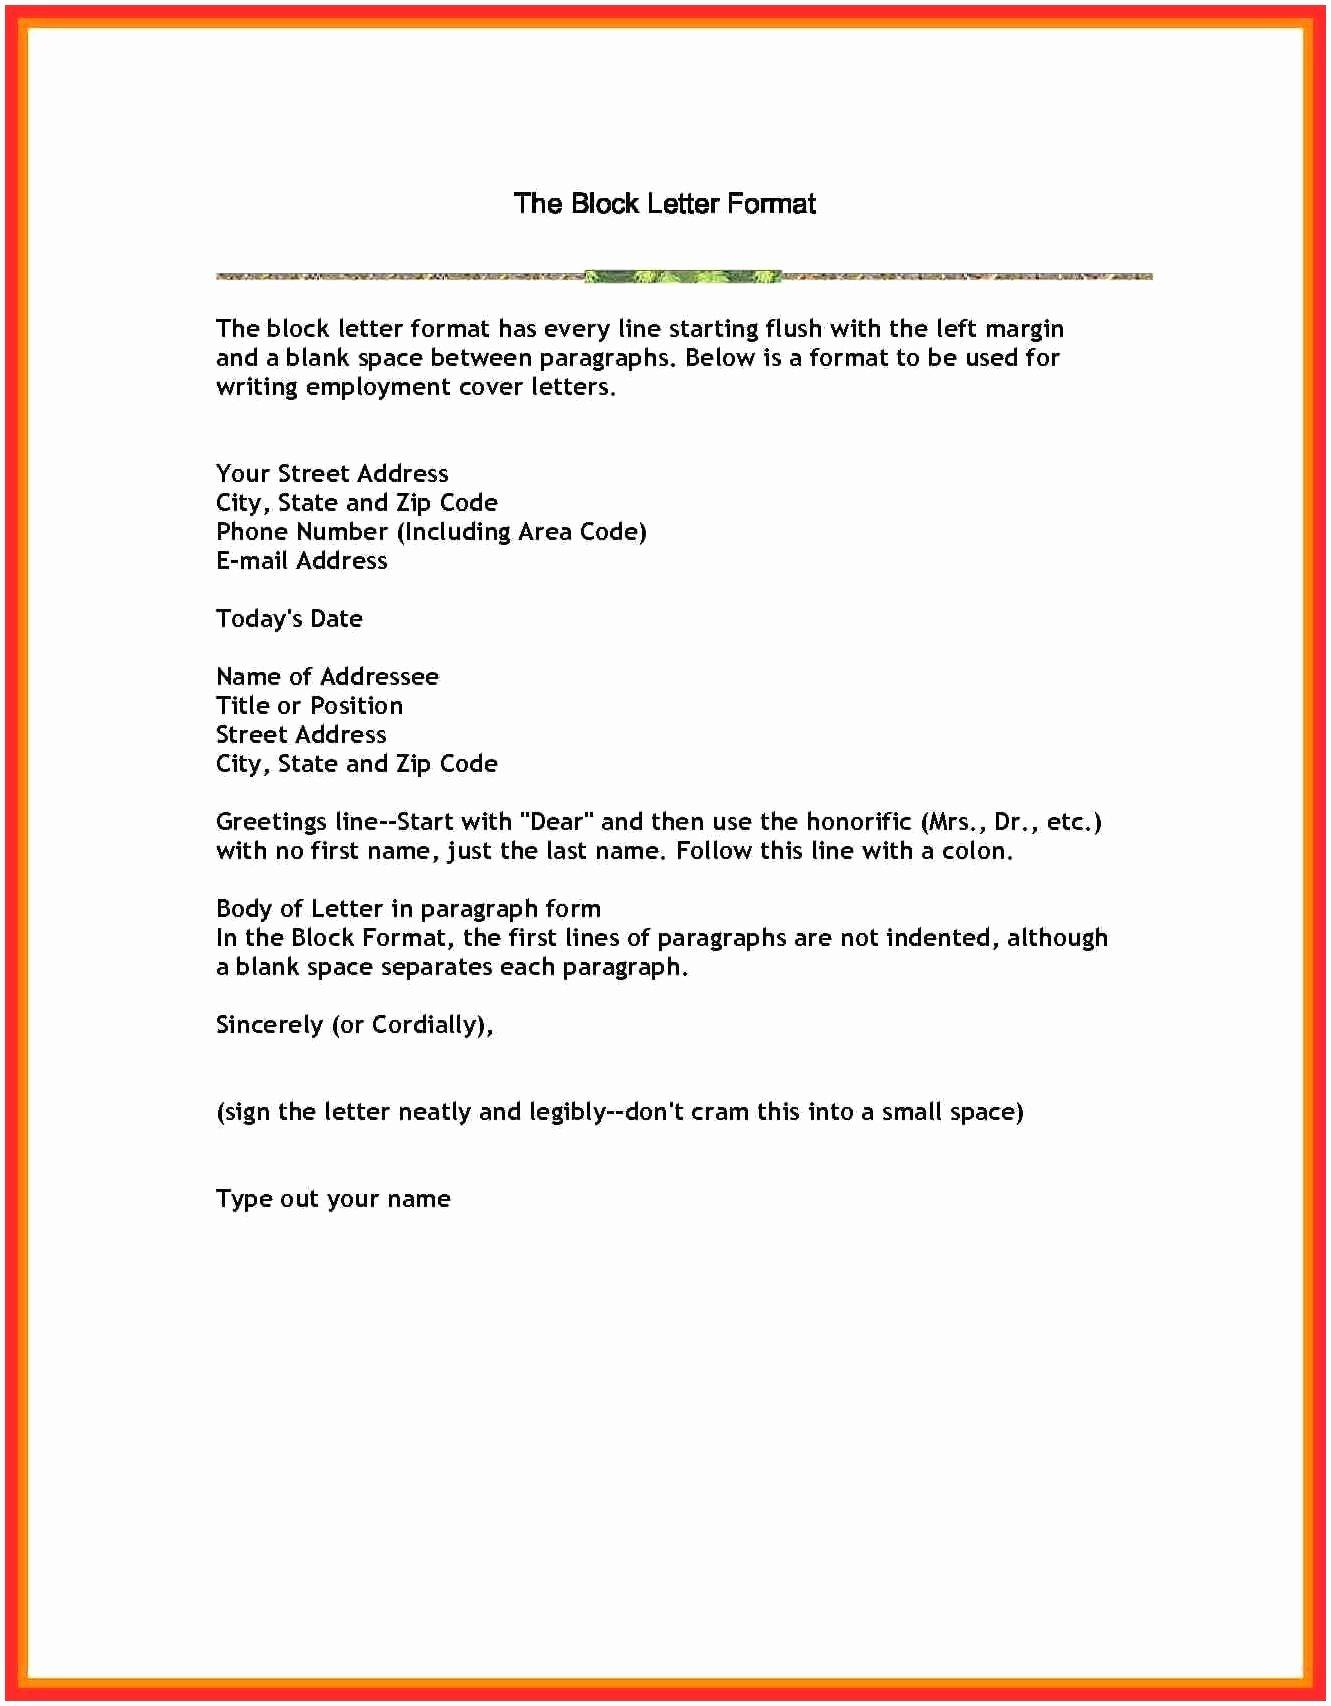 Cash Out Refinance Letter Template Luxury Cash Out Refinance Letter Explanation Template Gallery